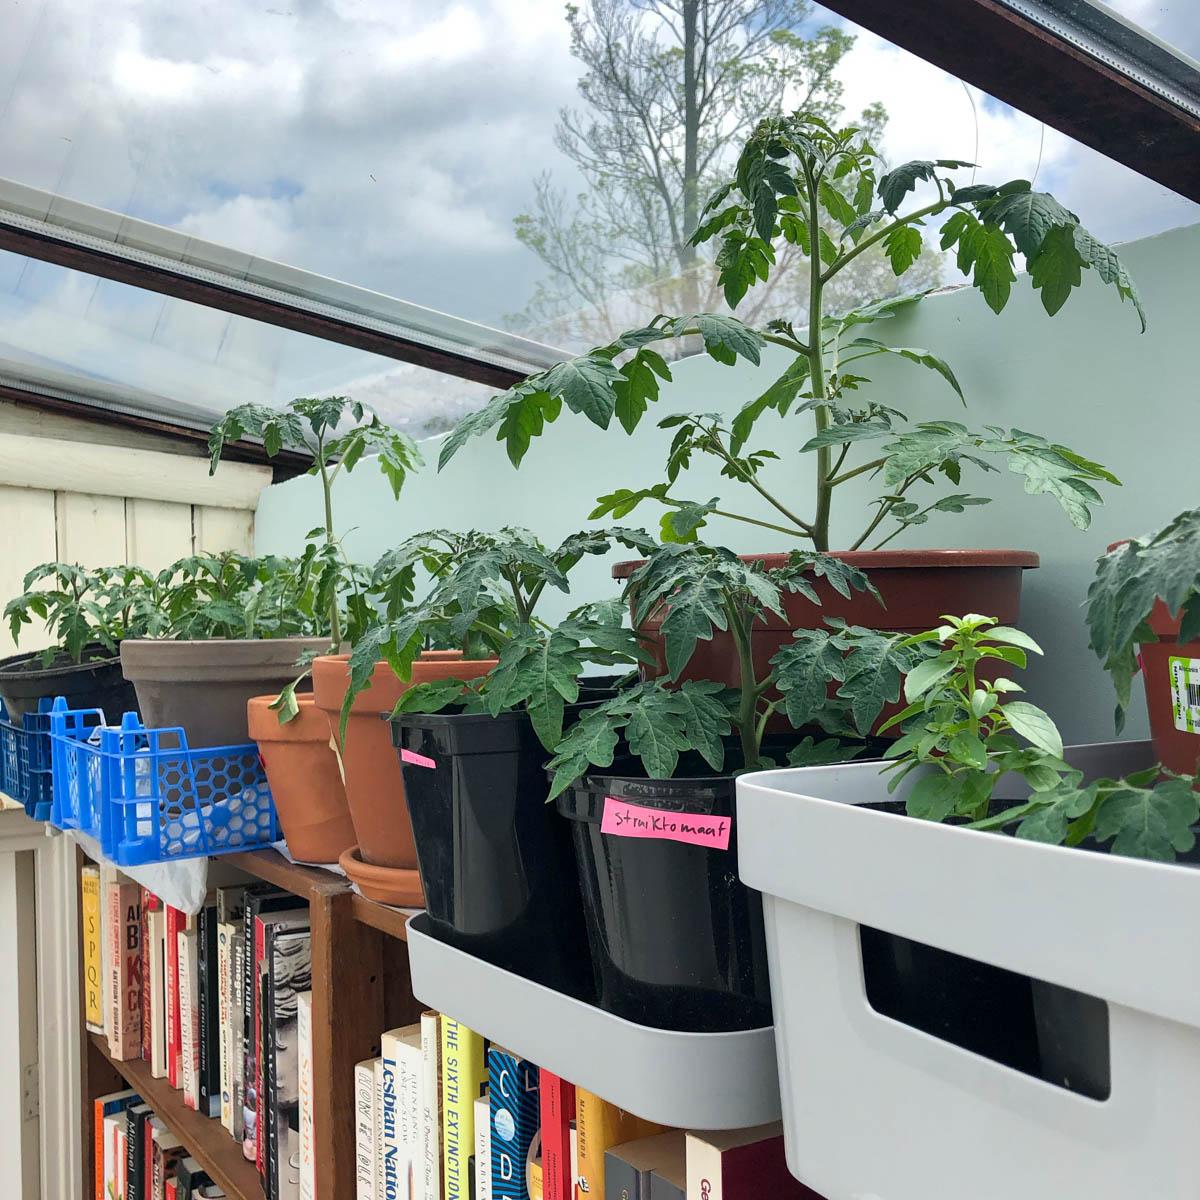 Voorgezaaide planten onder een lichtkoepel